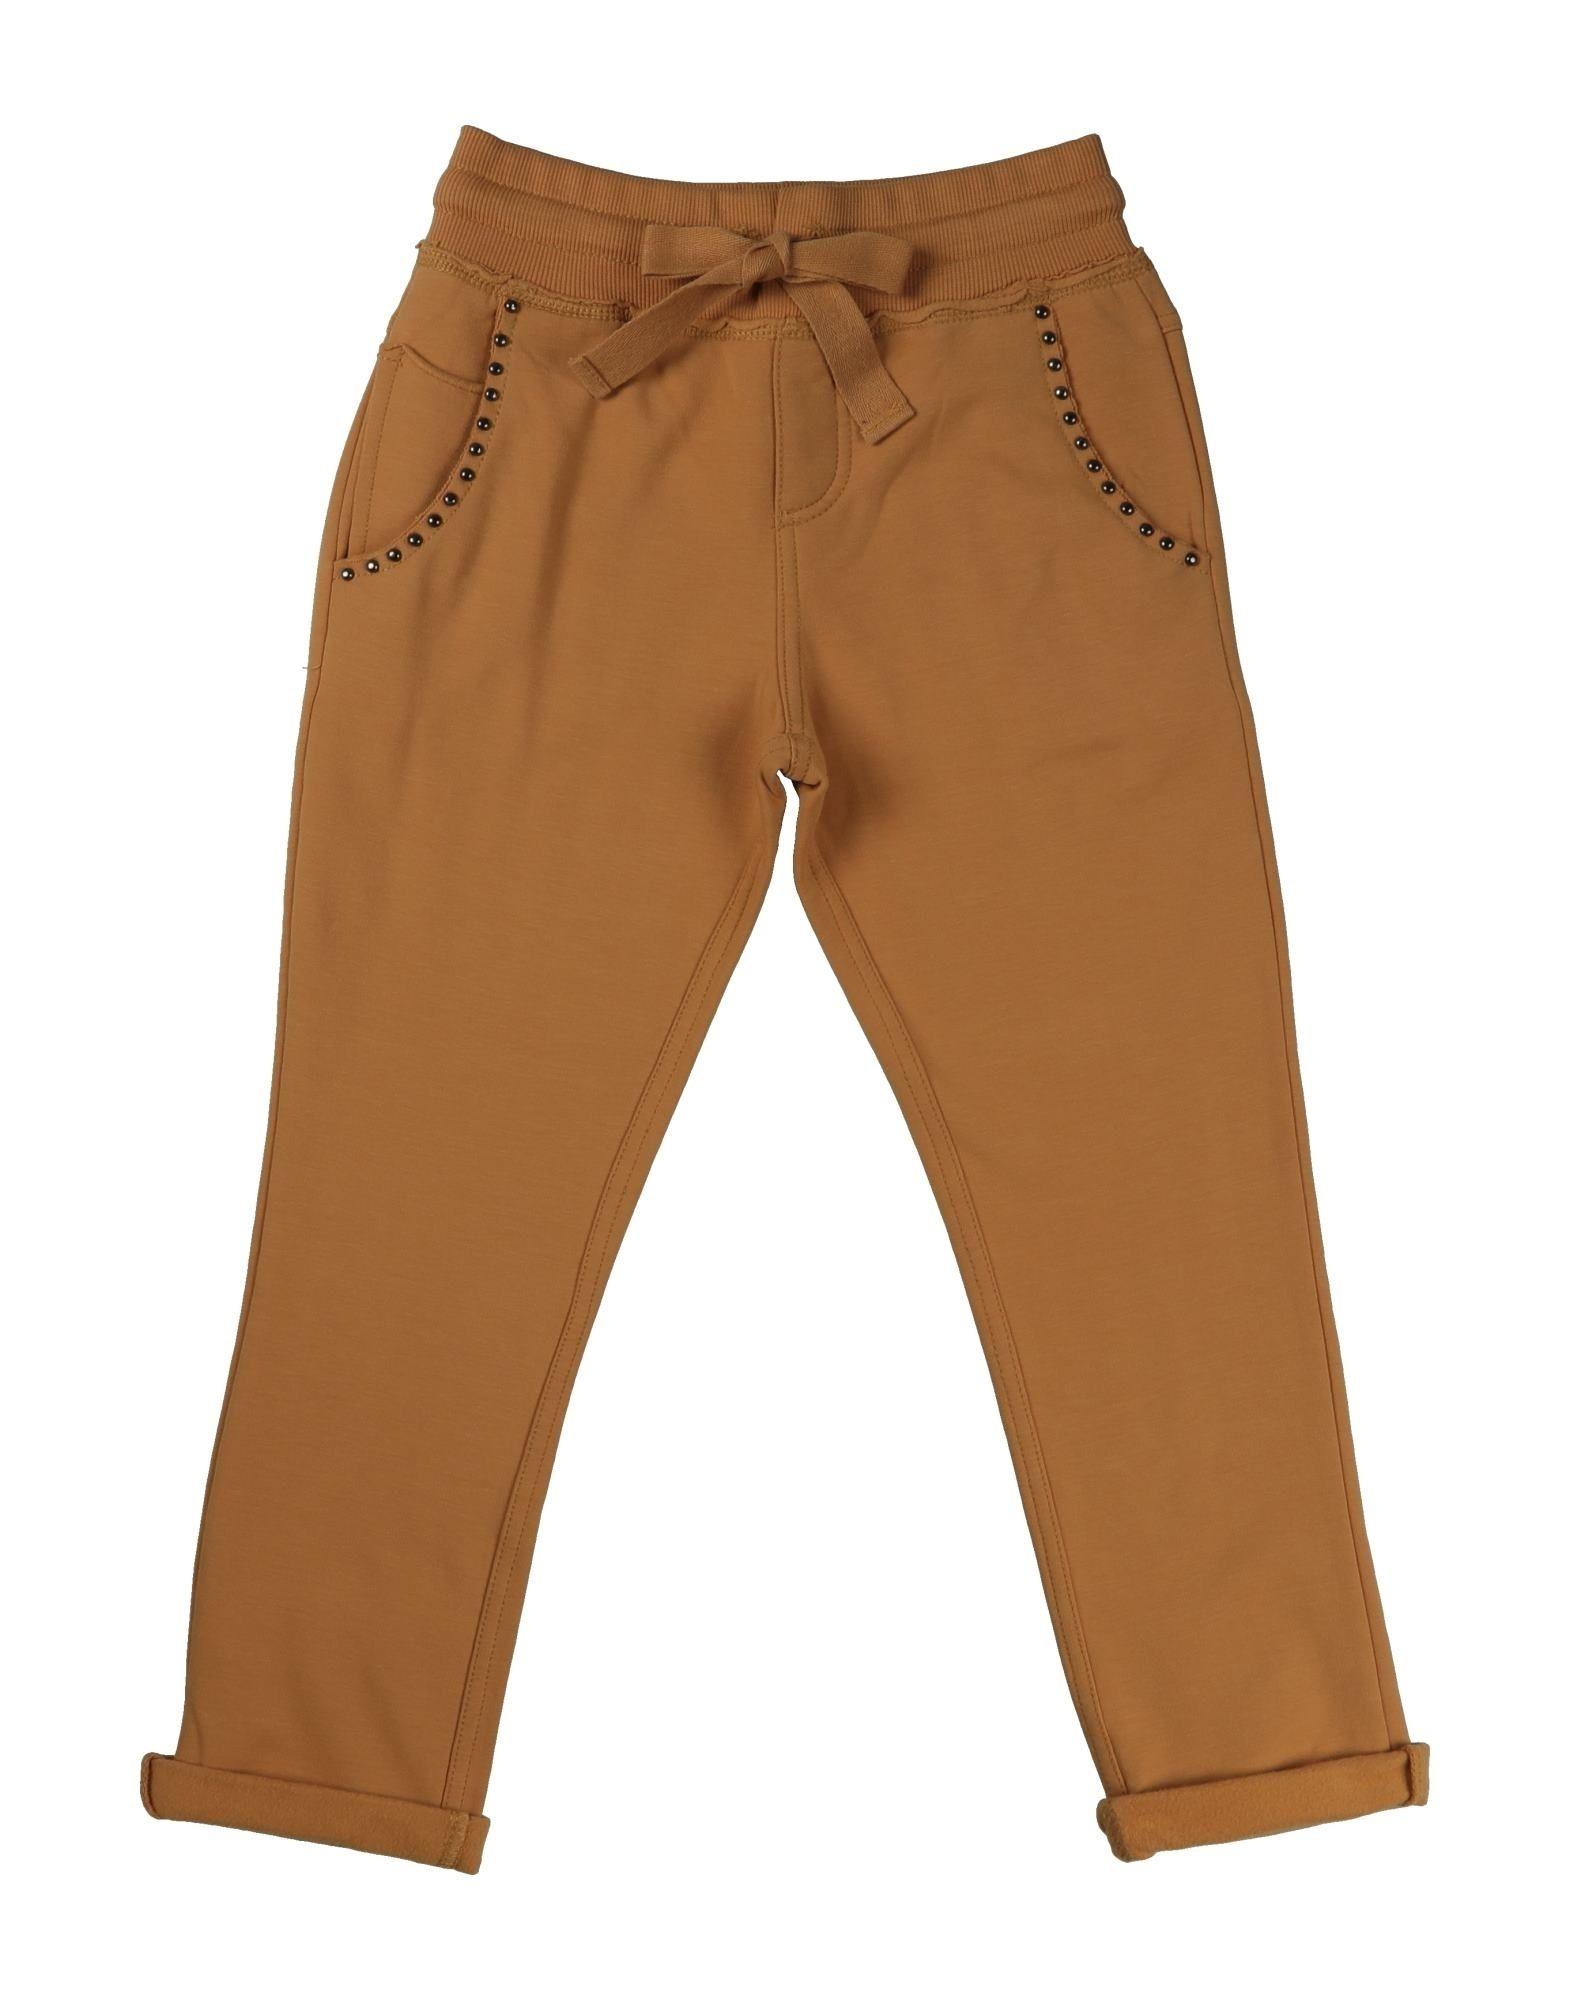 Grant Garçon Baby Kids' Casual Pants In Brown